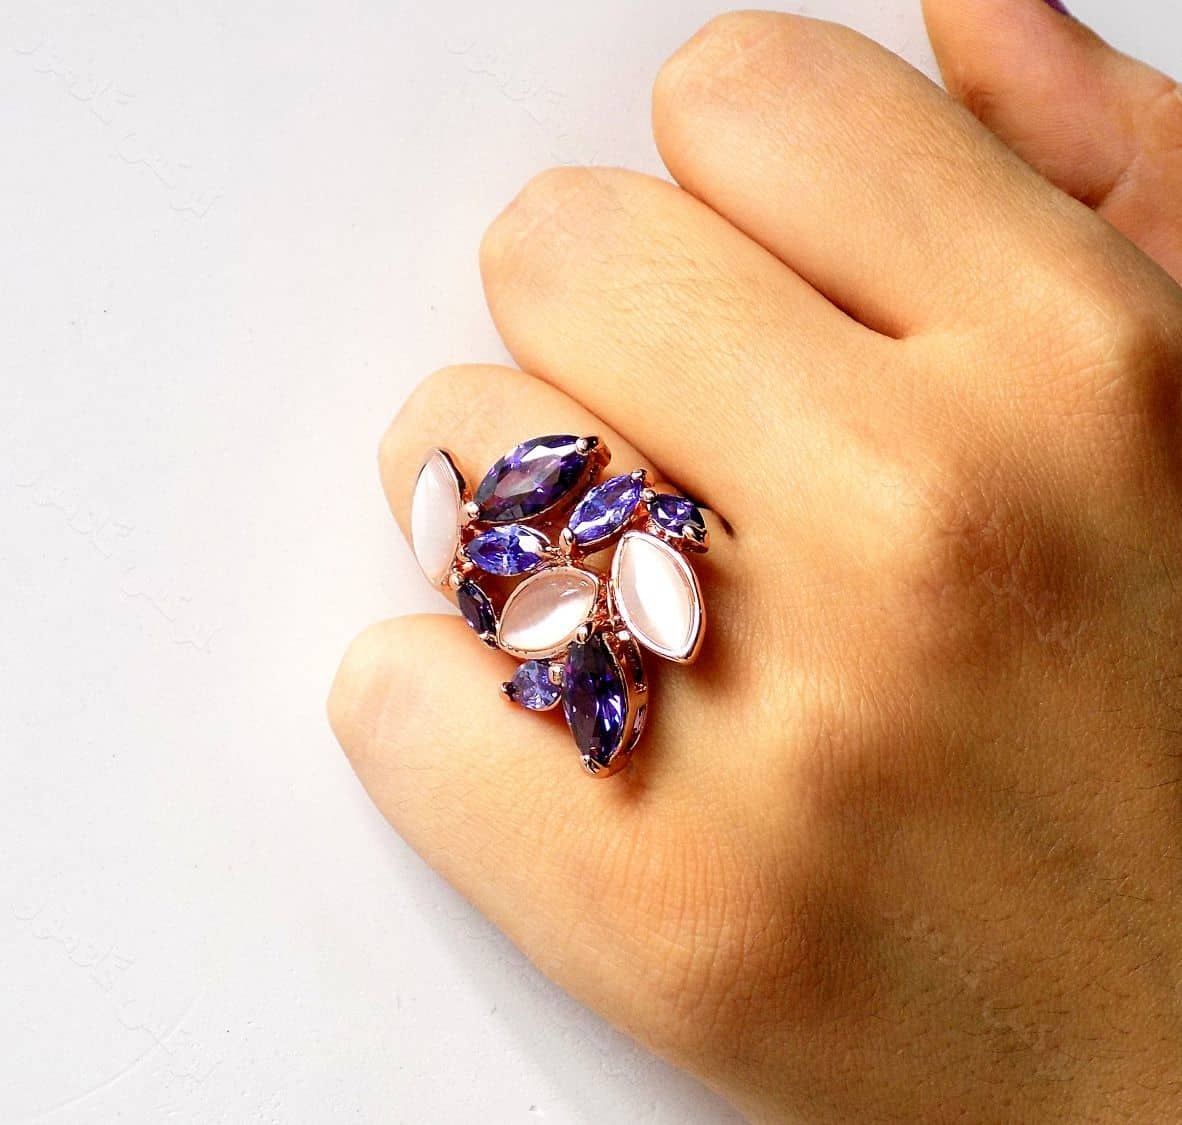 انگشتر جواهری کلیو با نگین های بنفش سواروسکی و سنگ اپال RG-N161 از نمای روی دست